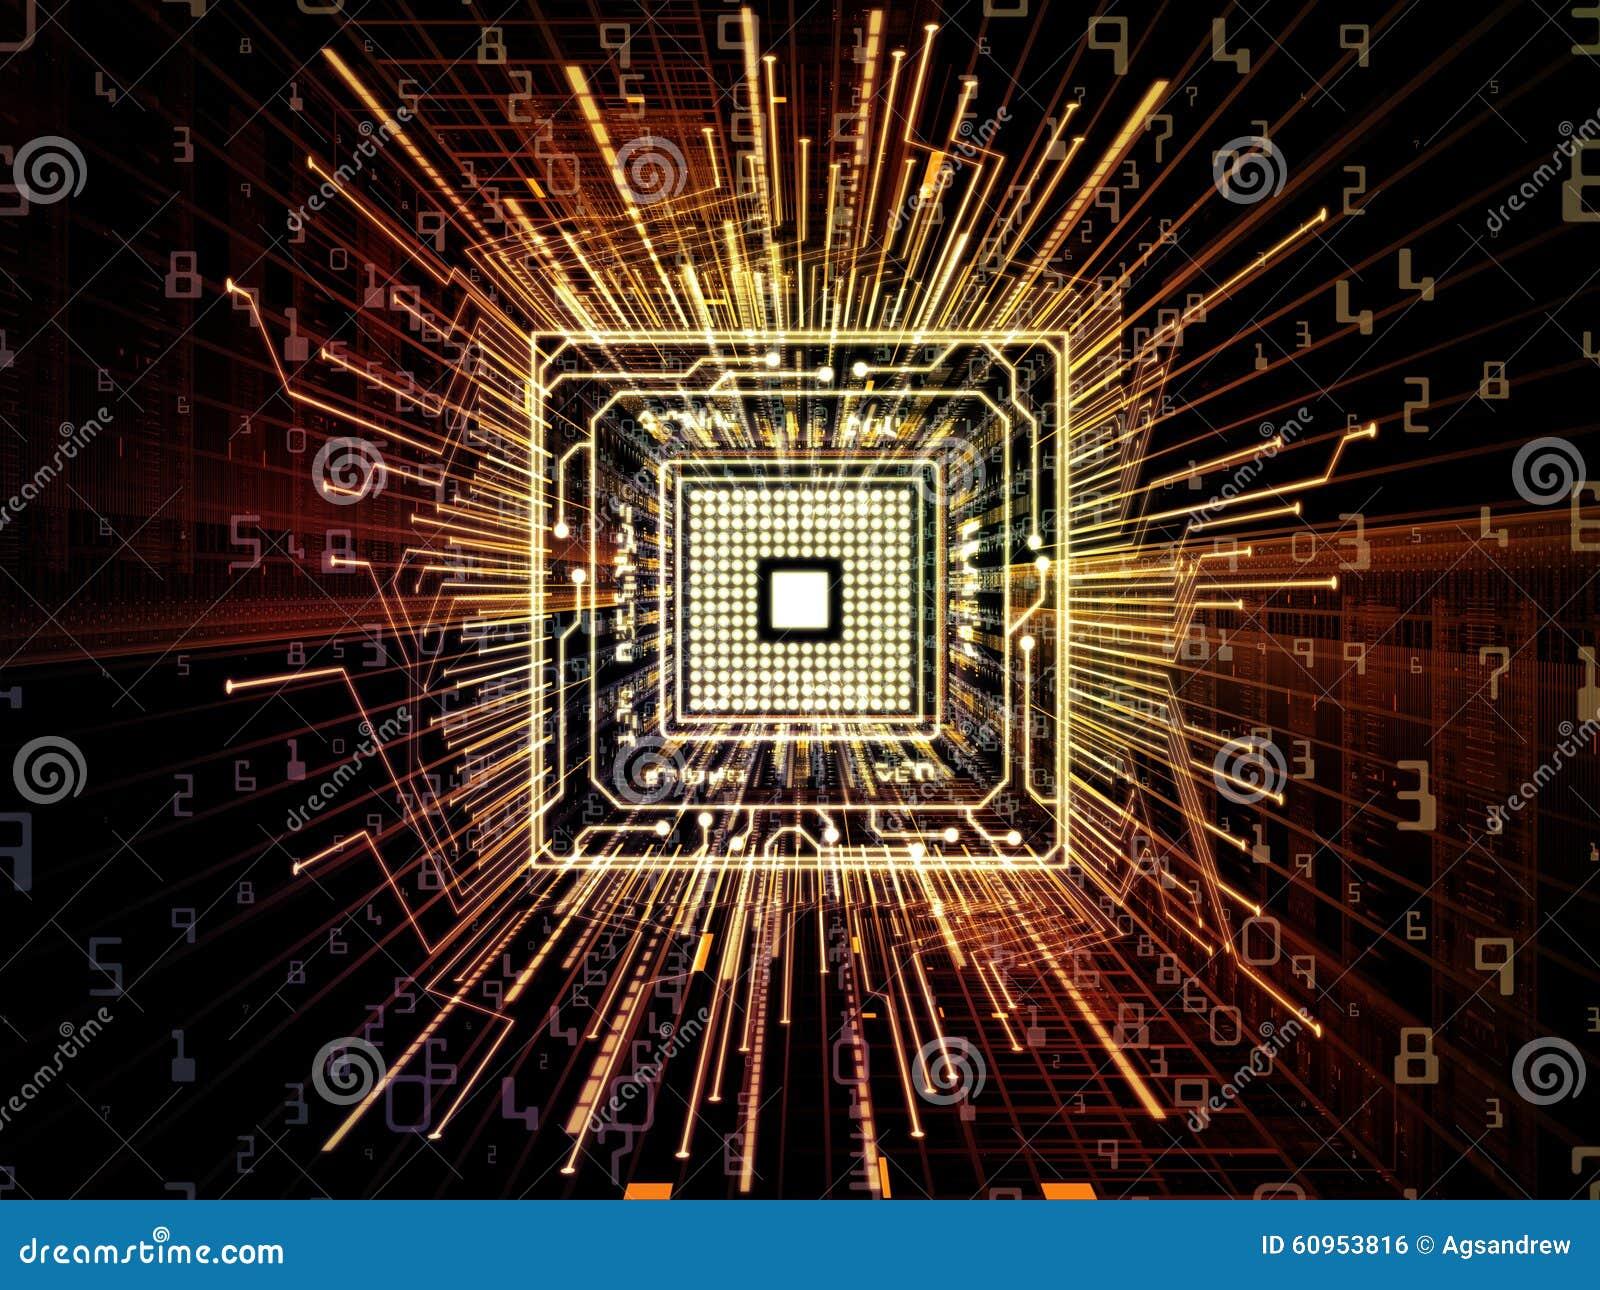 高性能計算機與多cpu_筆記本cpu和臺式機cpu性能_英特爾cpu性能排行